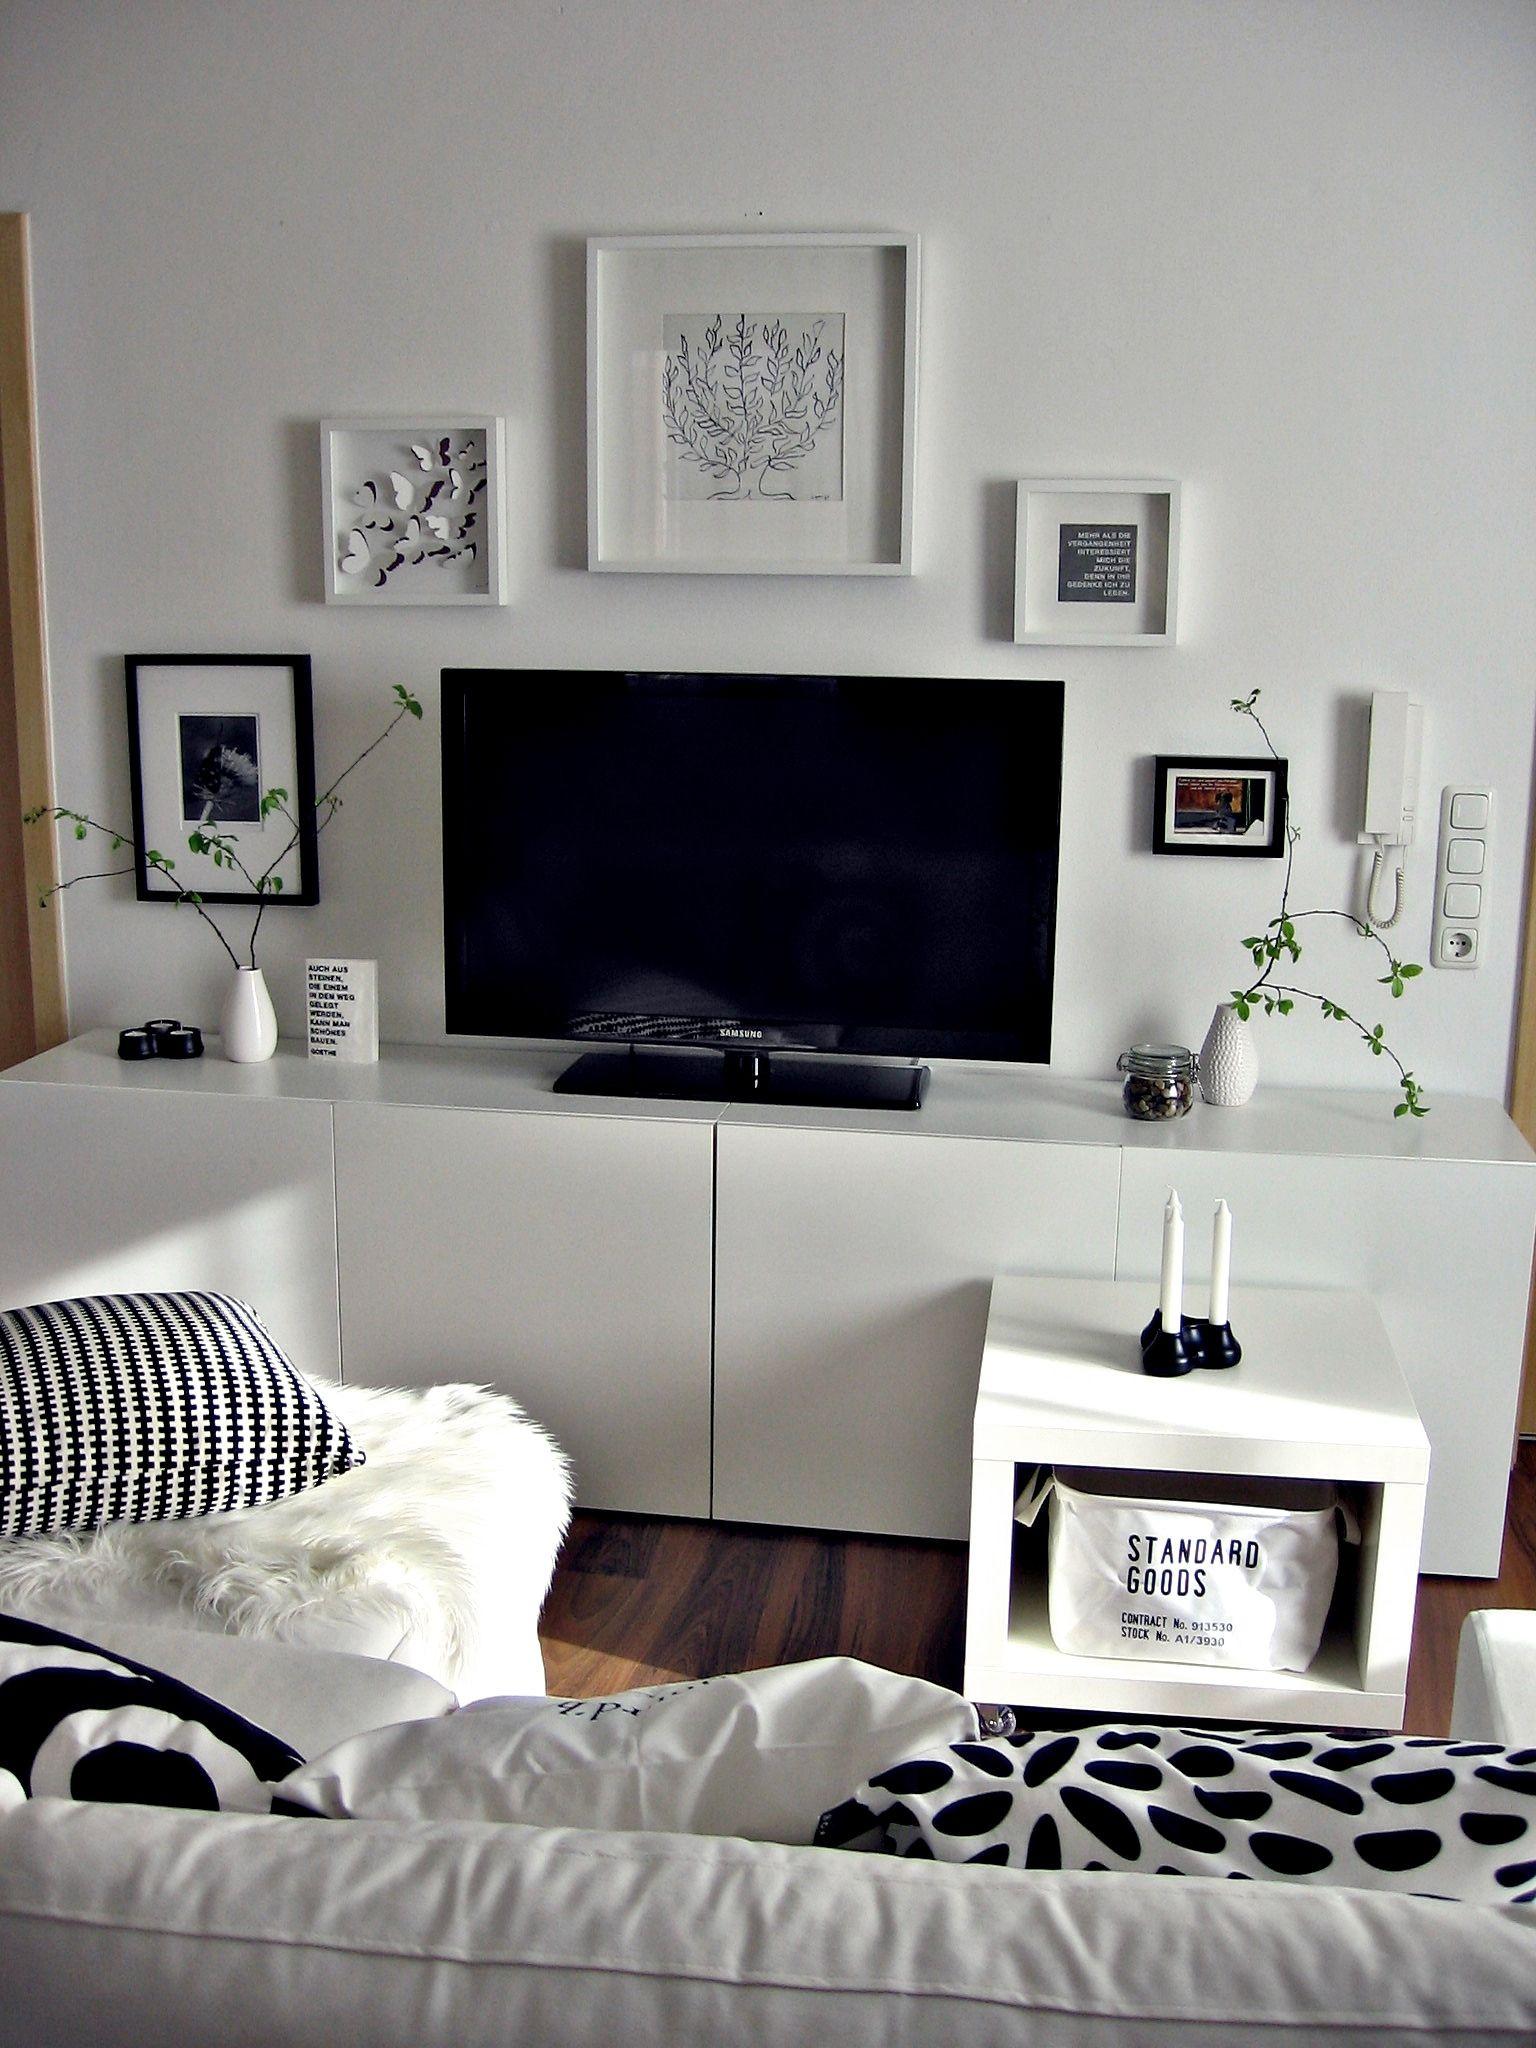 Ikea Wohnzimmer  Wohnwand TV Wand Besta ikea schwarz weiß Bilderwand